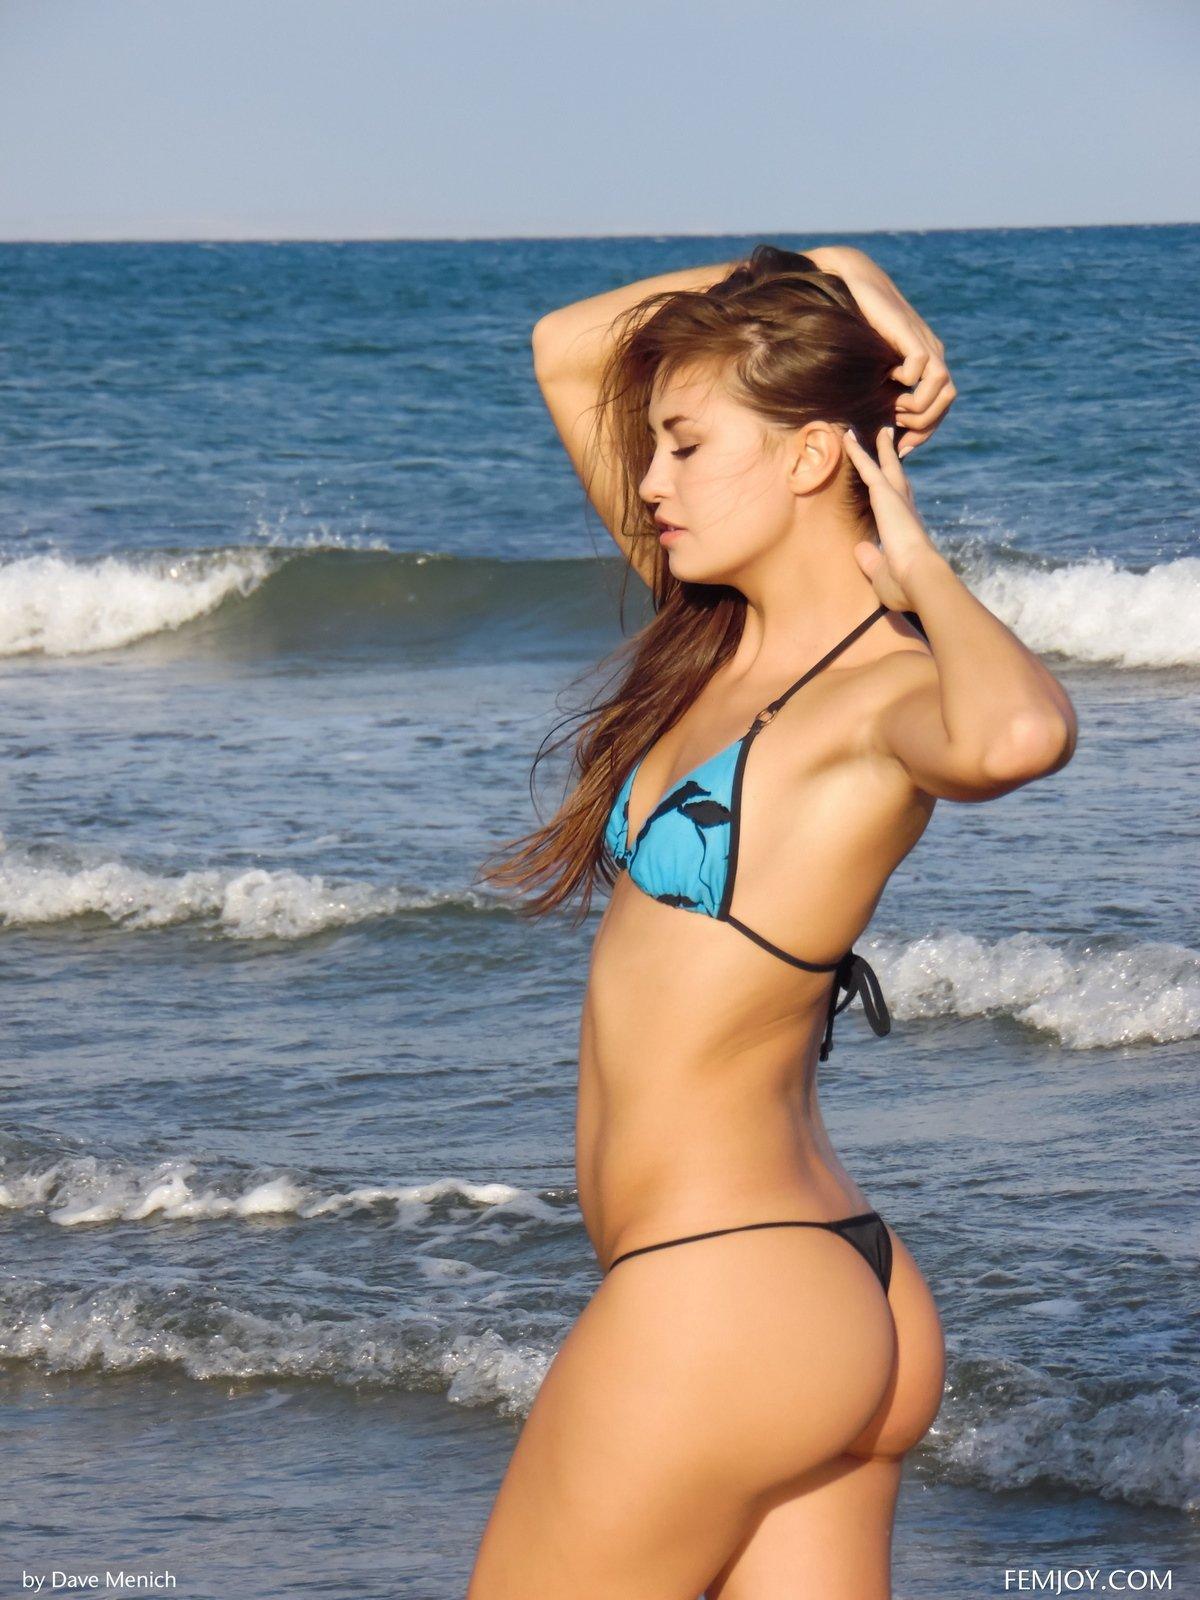 krasivaya-kiska-v-krasivih-trusikah-bikini-negrom